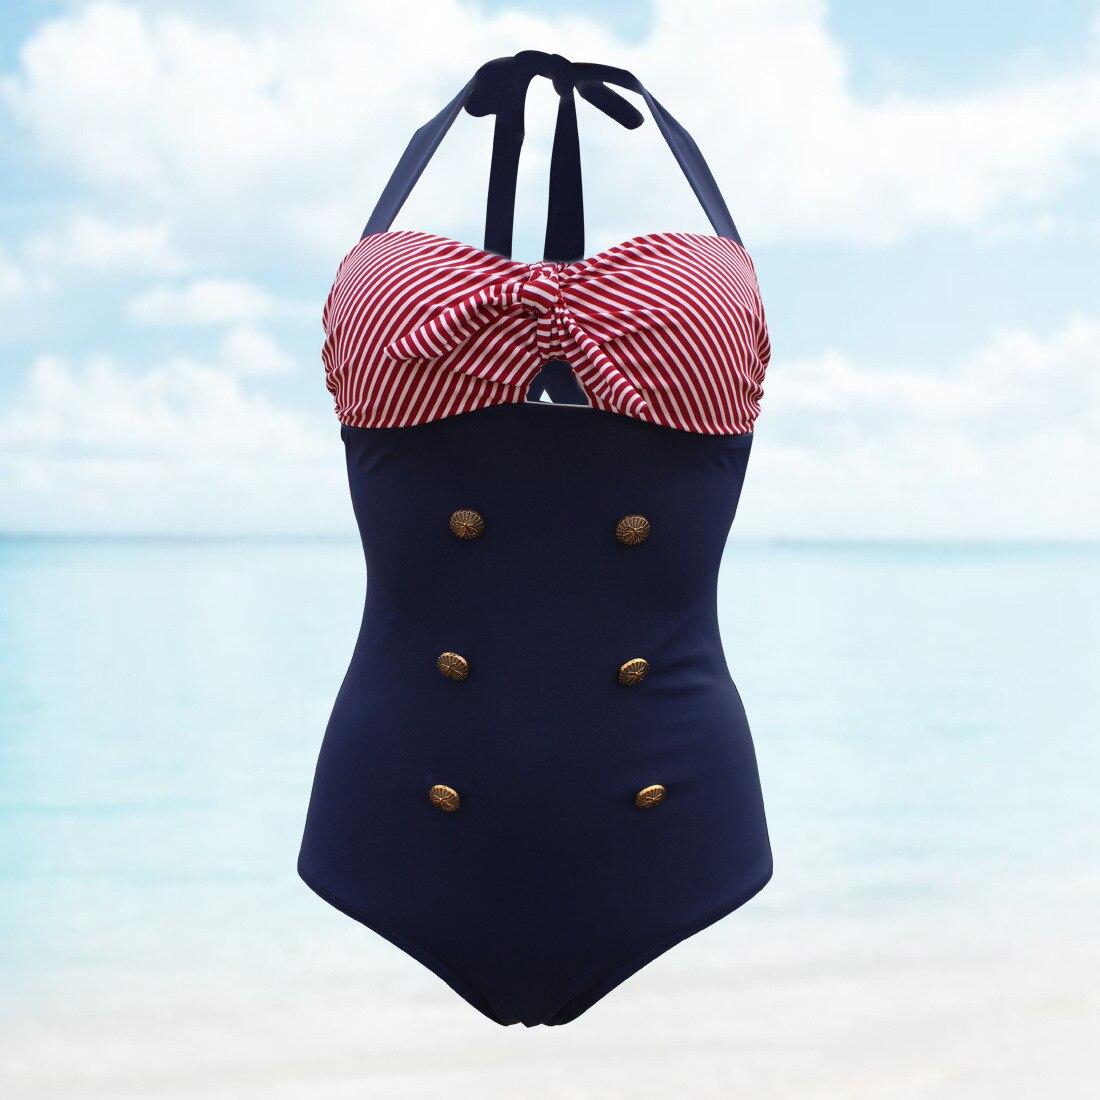 ワンピ-ス熟女 新しい水着ピュアカラーシャムだった薄いビキニ女性水着ビーチ保守党ビーチ水着